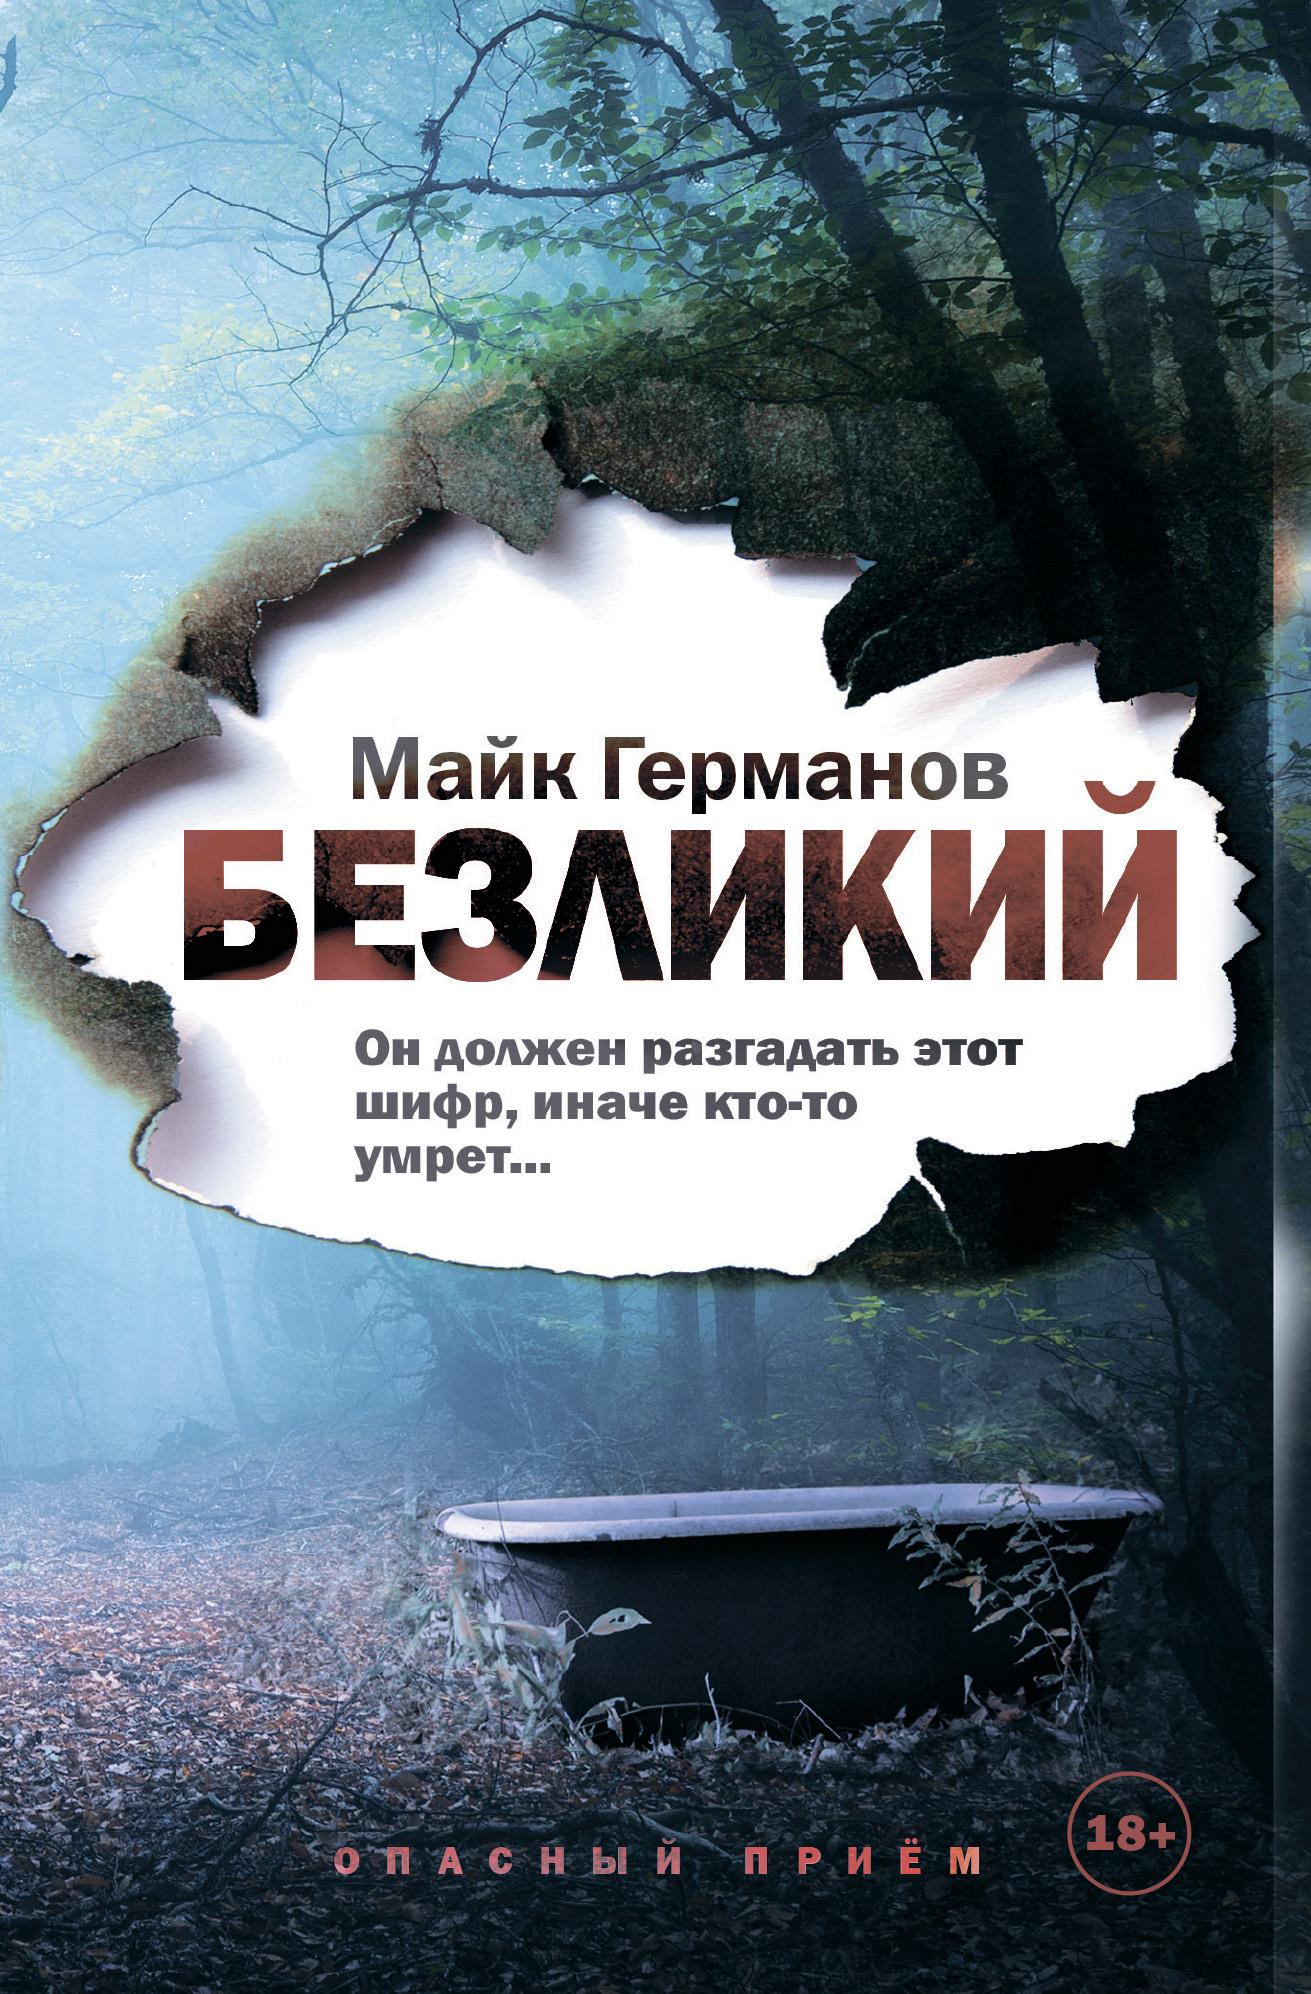 Купить книгу Безликий, автора Майка Германова